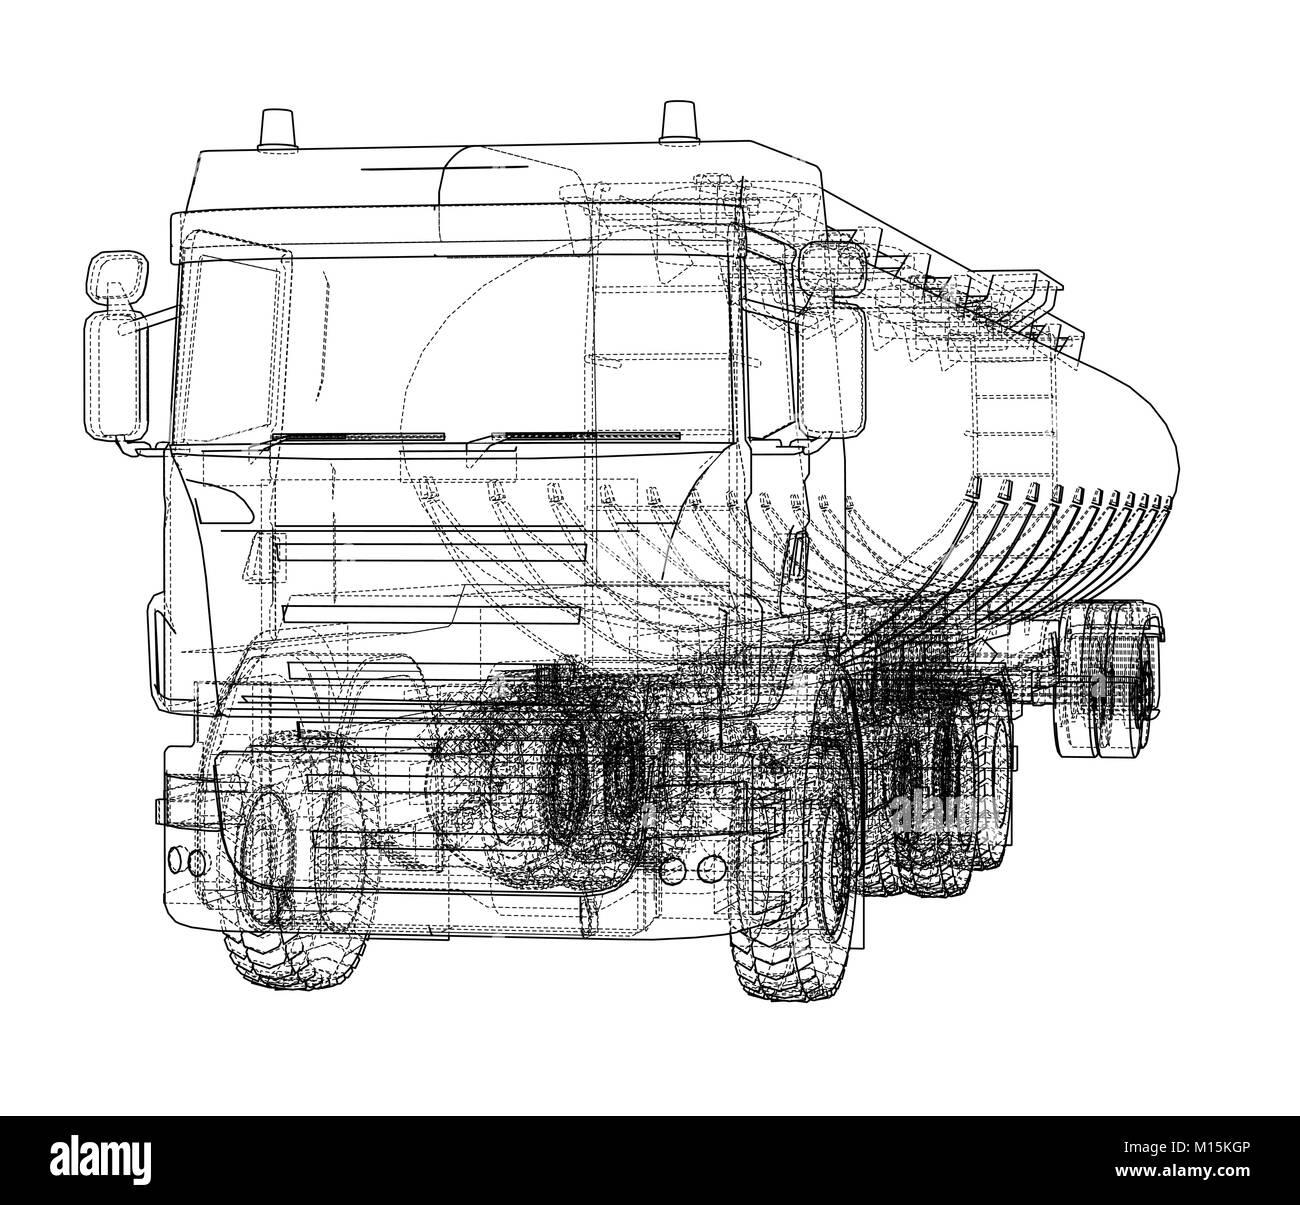 Semi Tanker Stockfotos & Semi Tanker Bilder - Seite 2 - Alamy